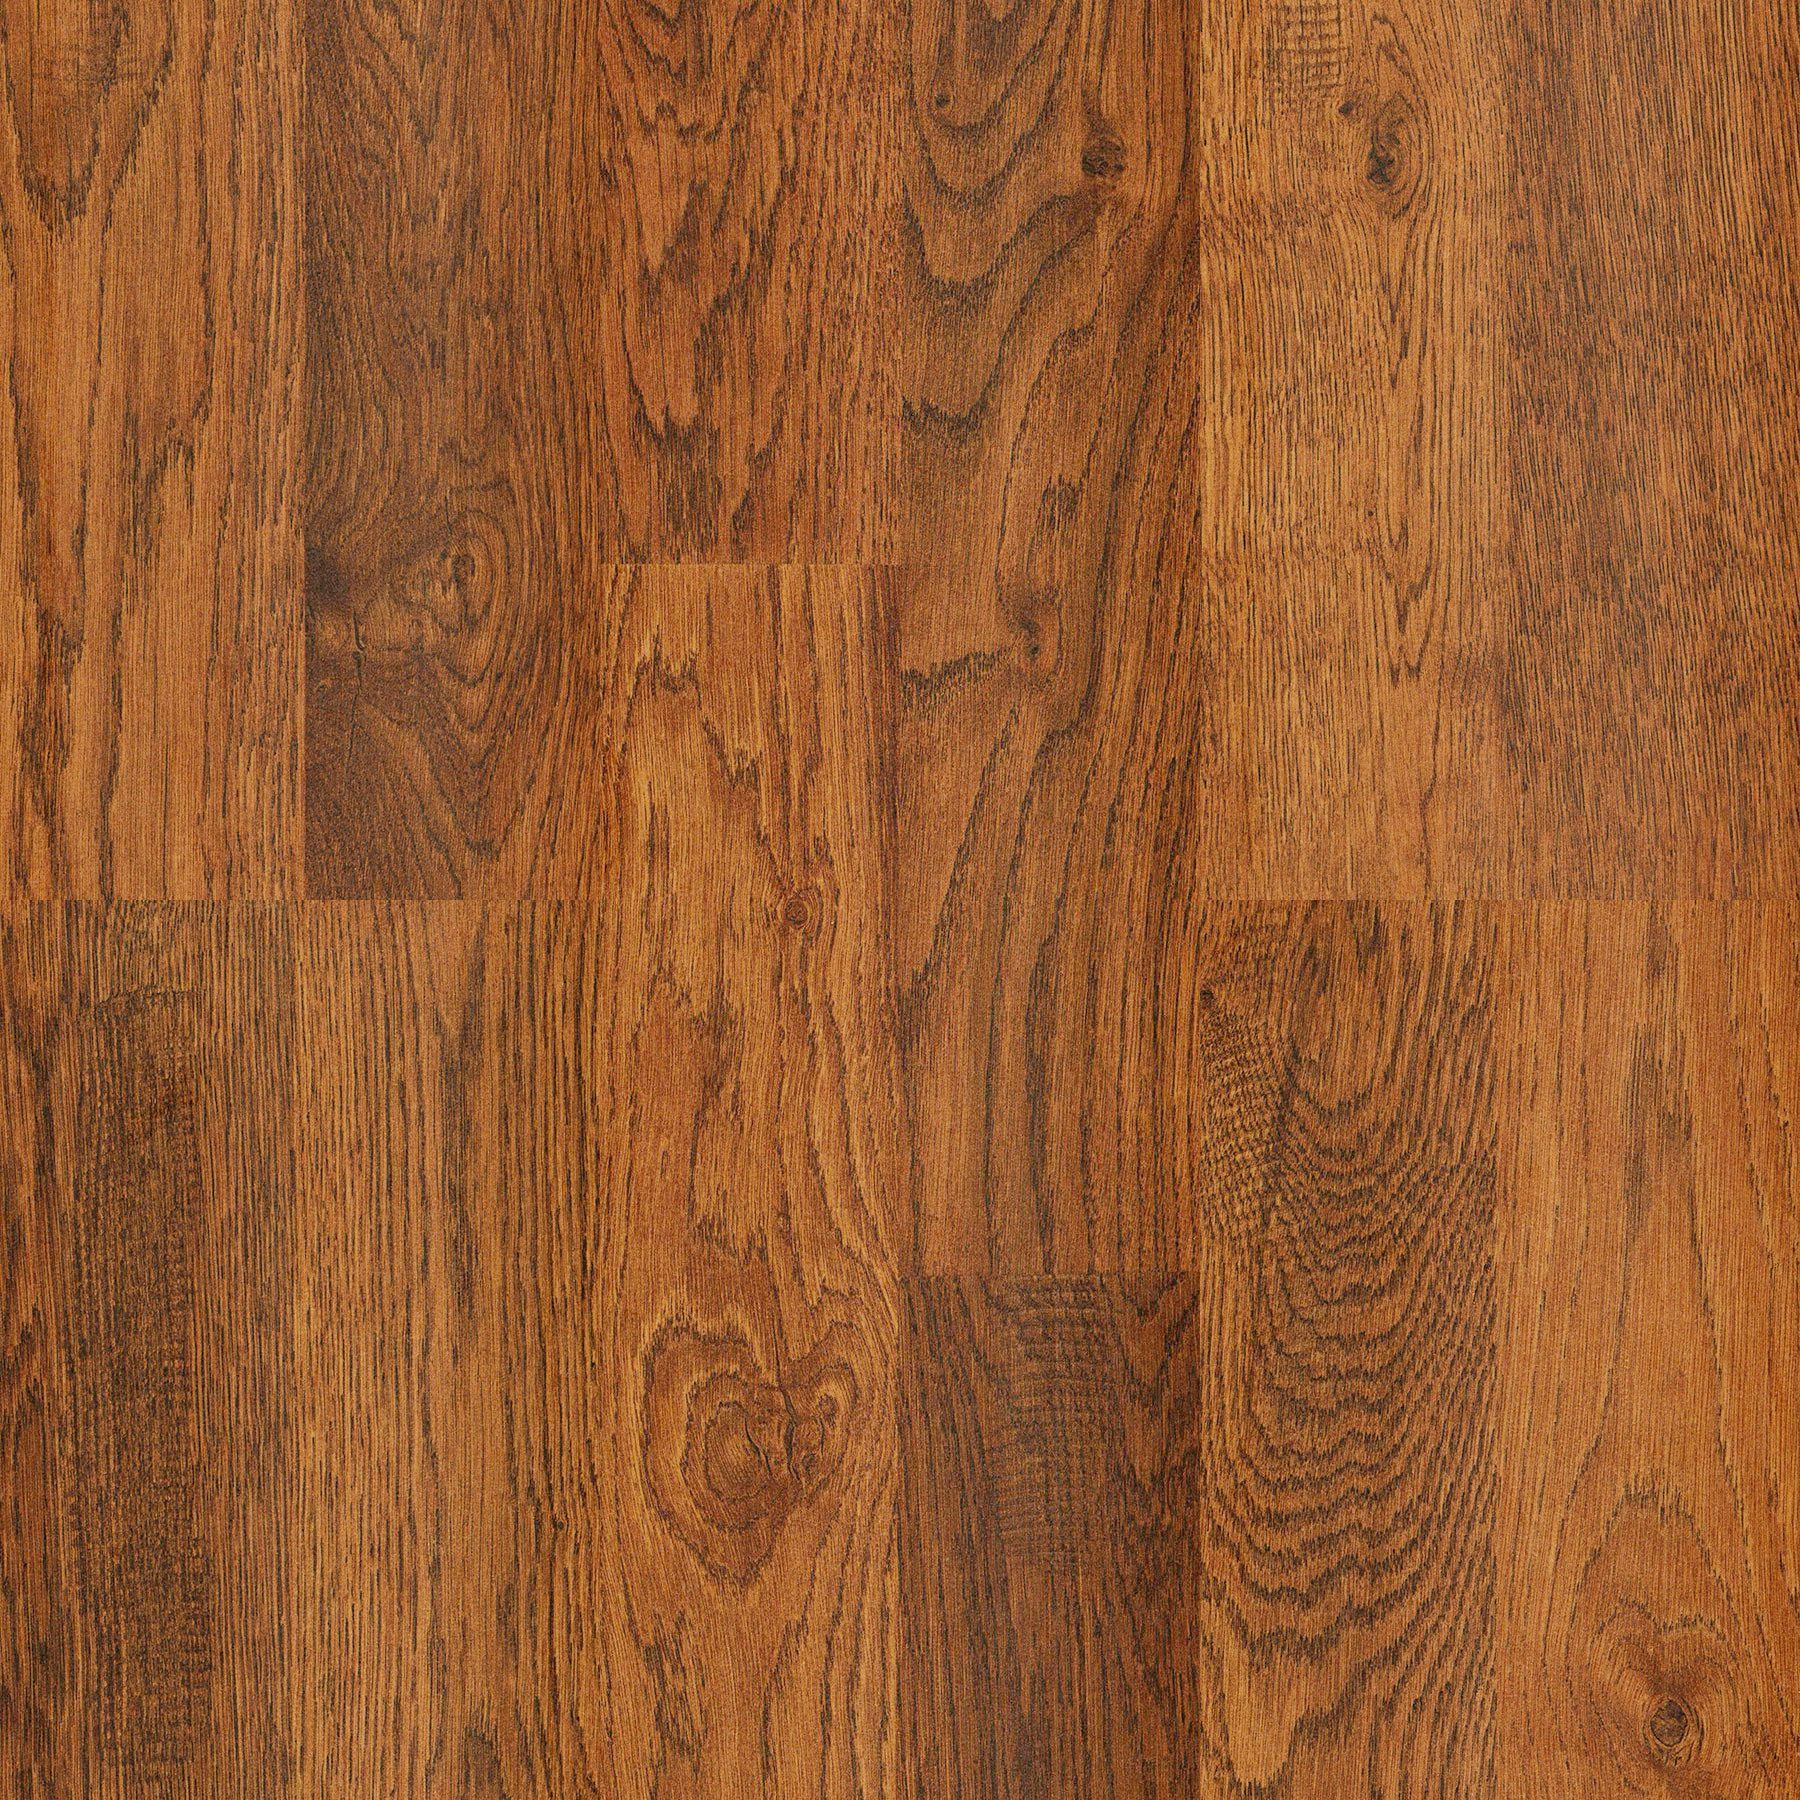 Kronotex Super Quality Nevada Oak D2757wg Laminate Flooring Sfd2757wg Laminate Oak Flooring